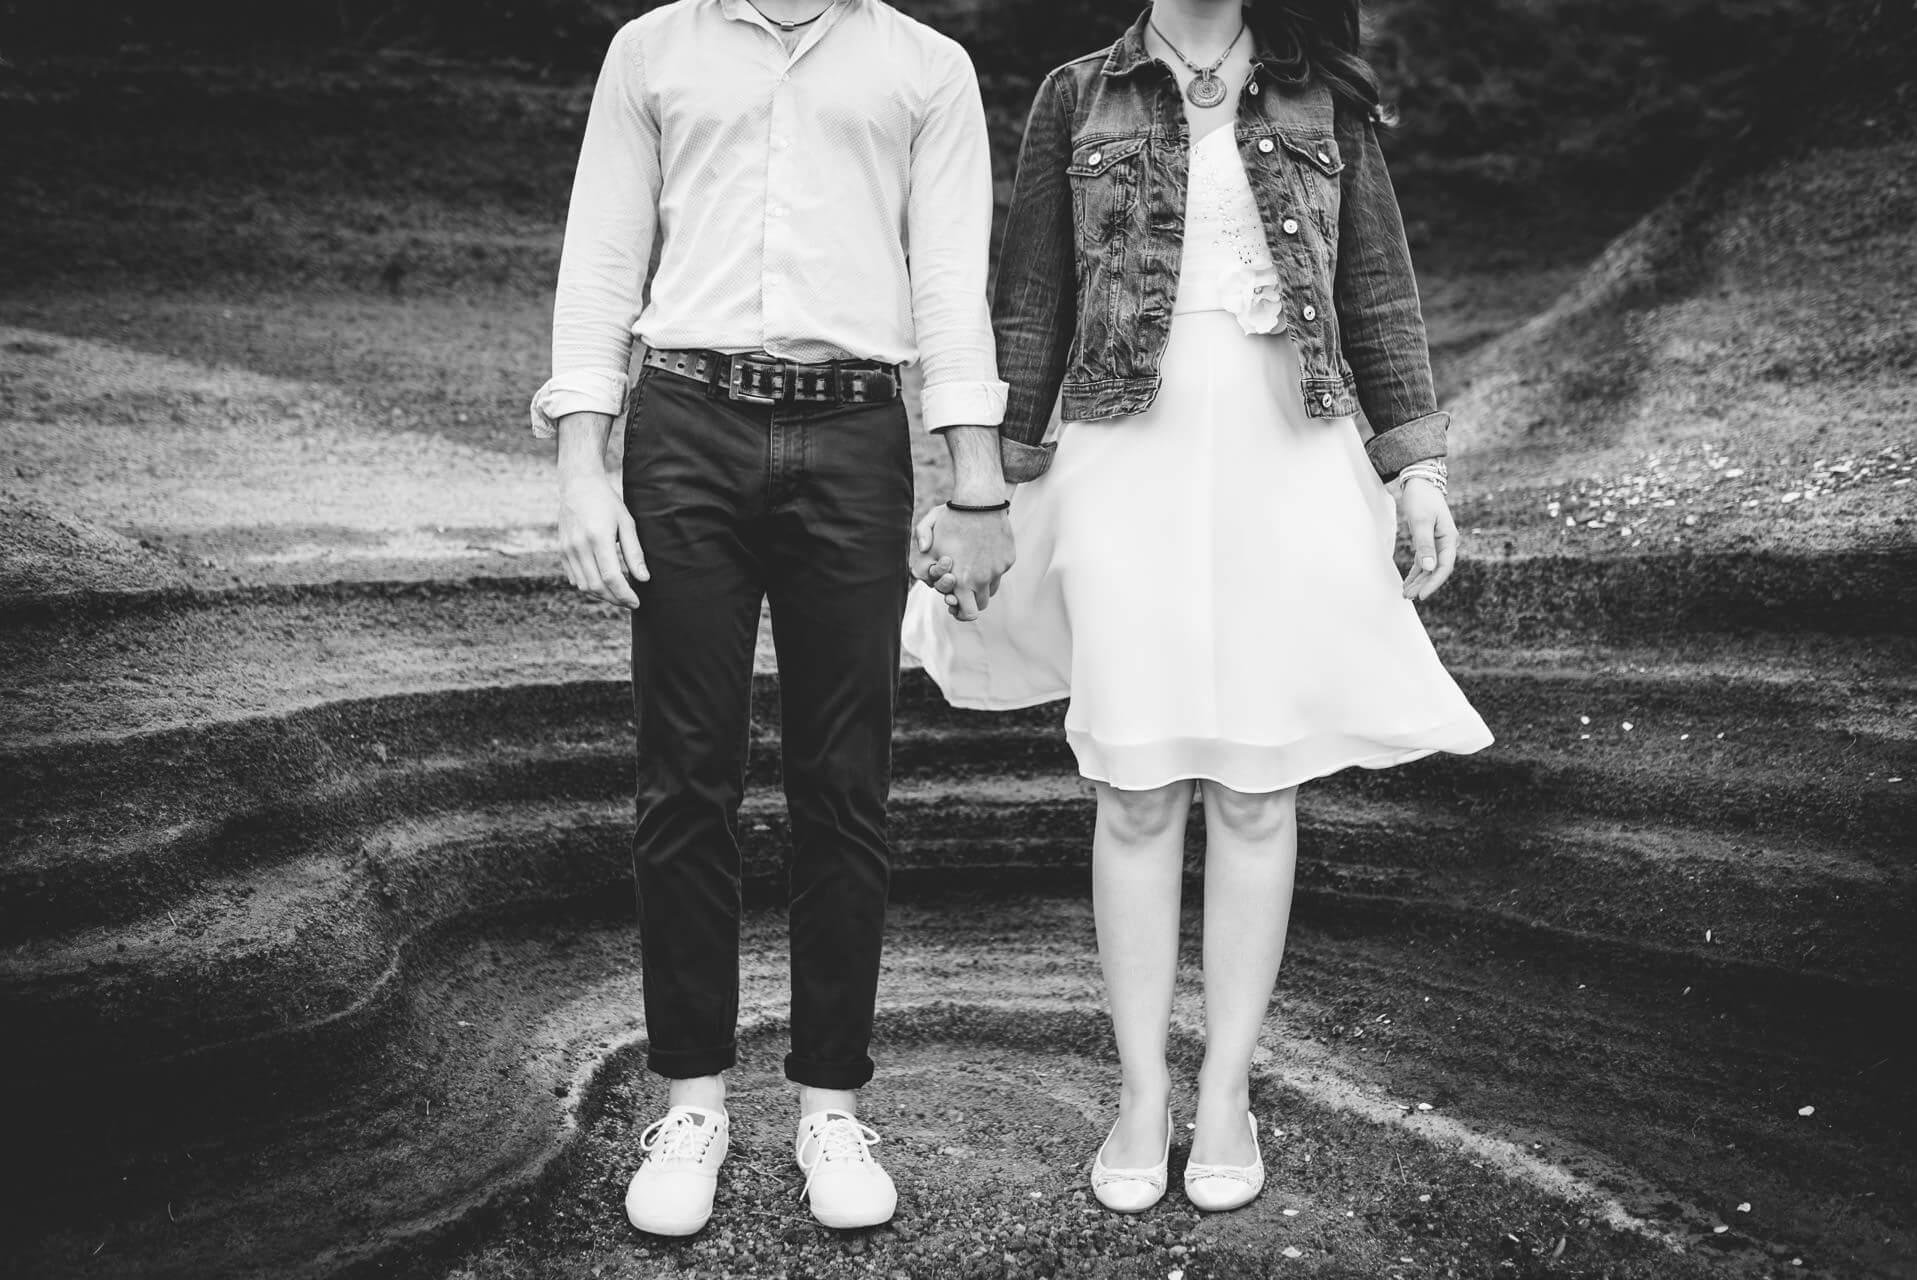 photographe mariage cap d'agde seance engagement studio graou